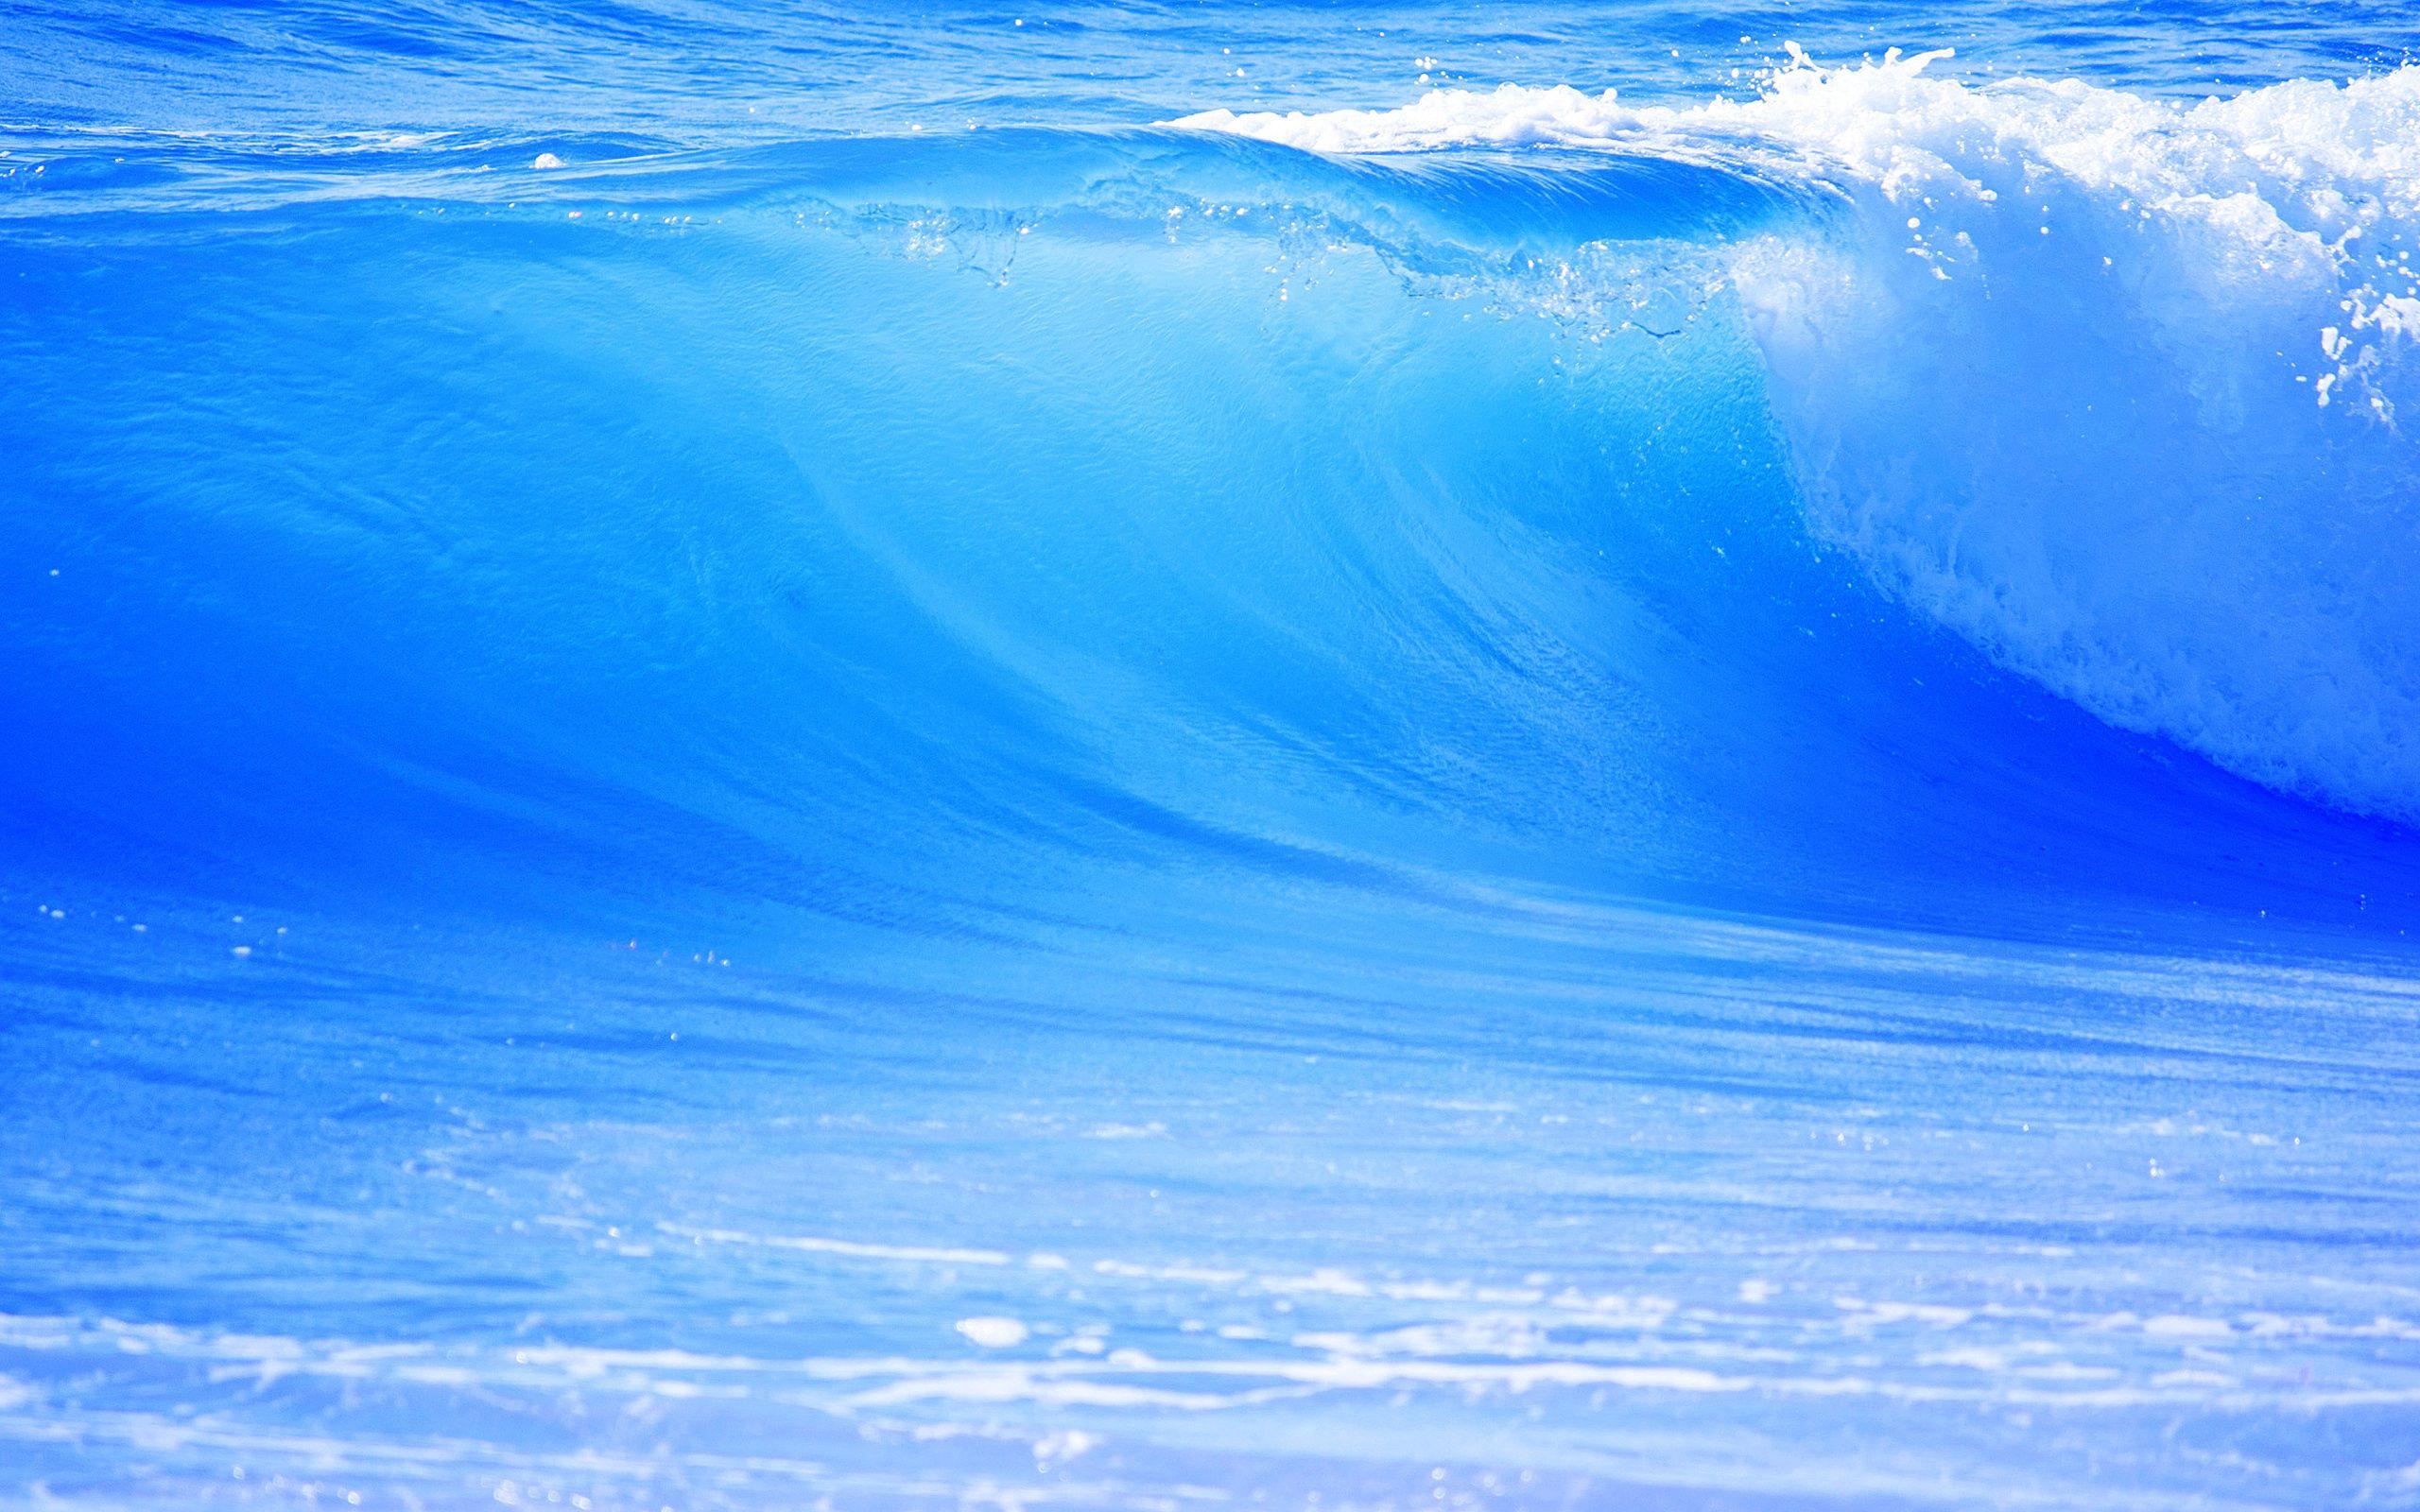 82866 скачать обои Природа, Море, Волна, Голубая, Большая - заставки и картинки бесплатно